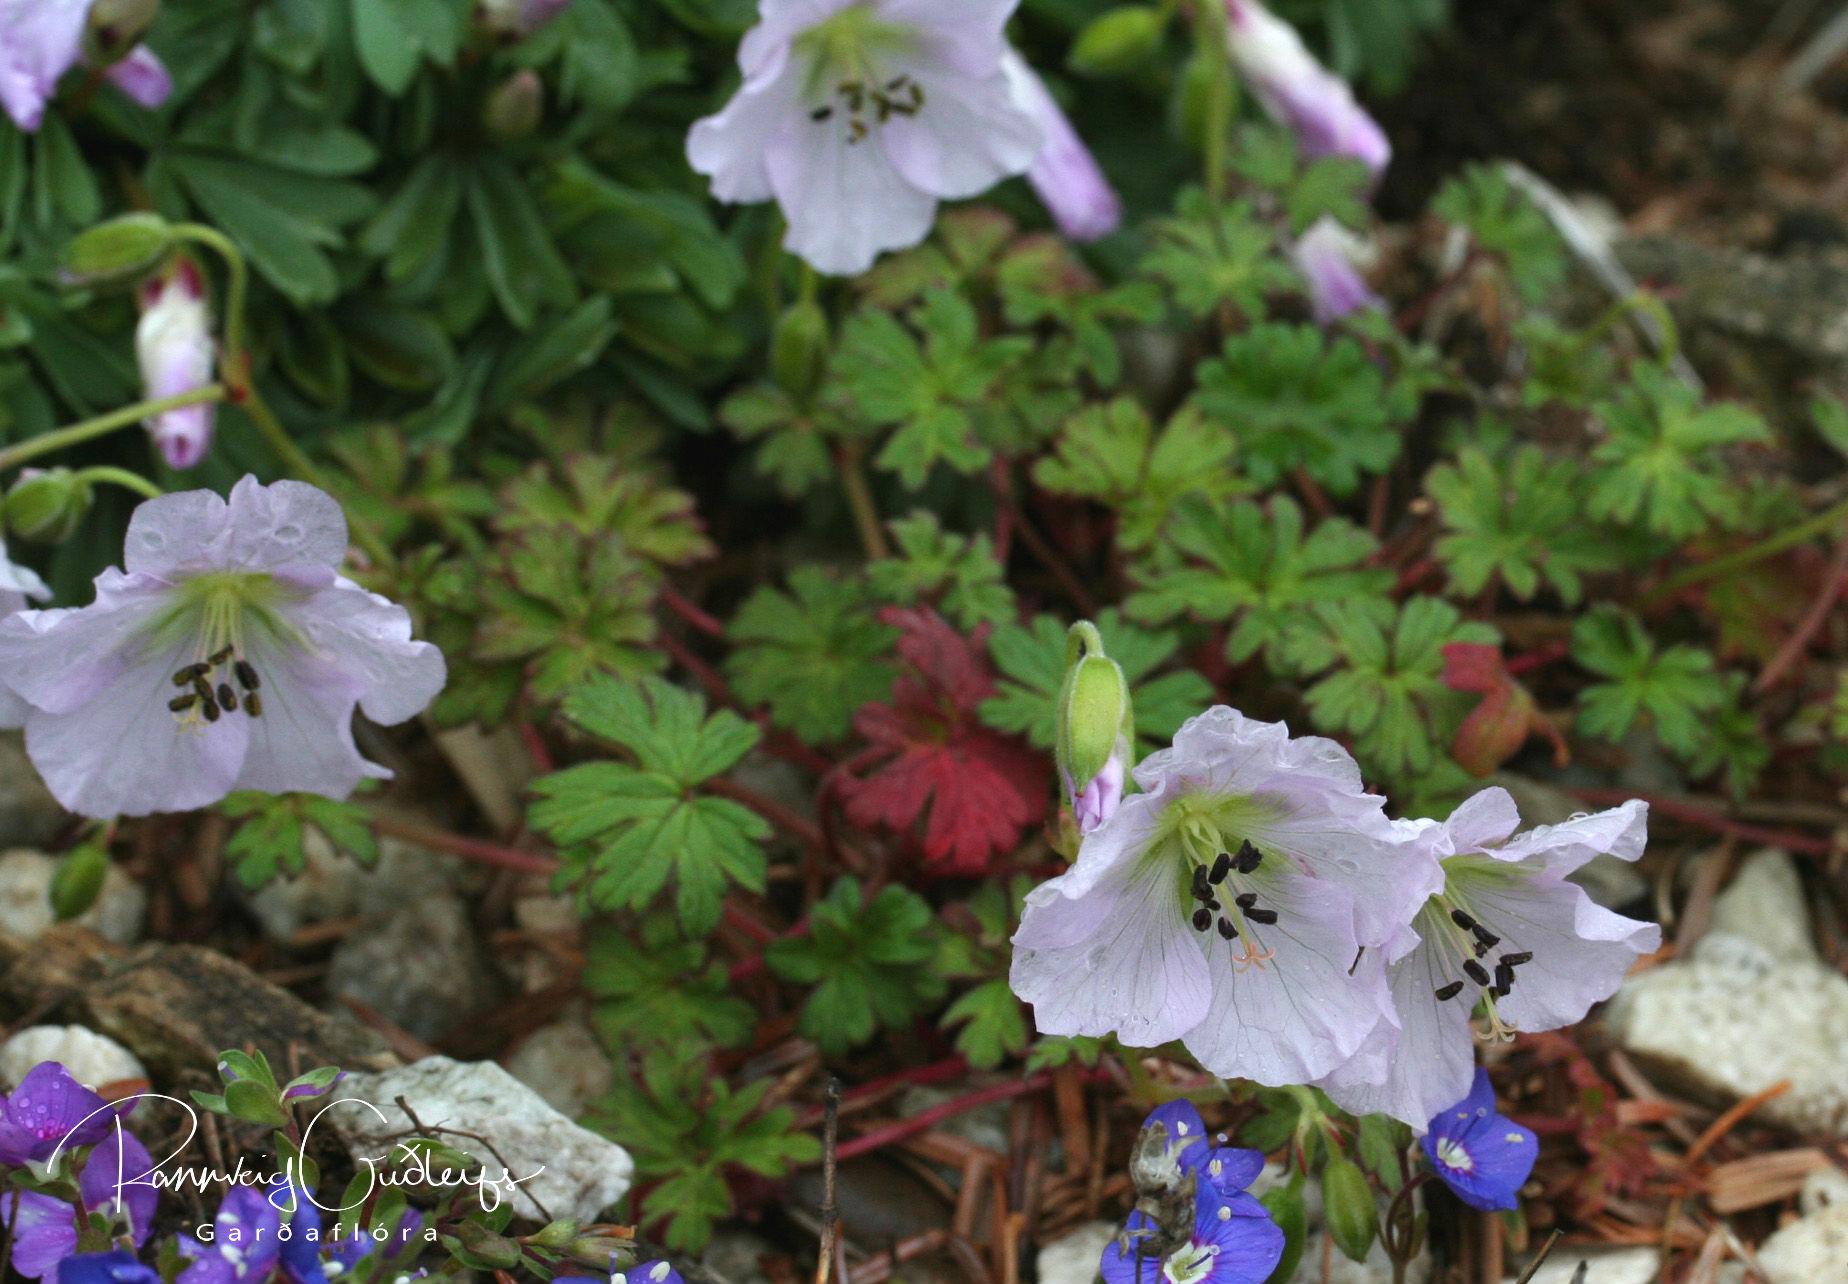 Geranium farreri